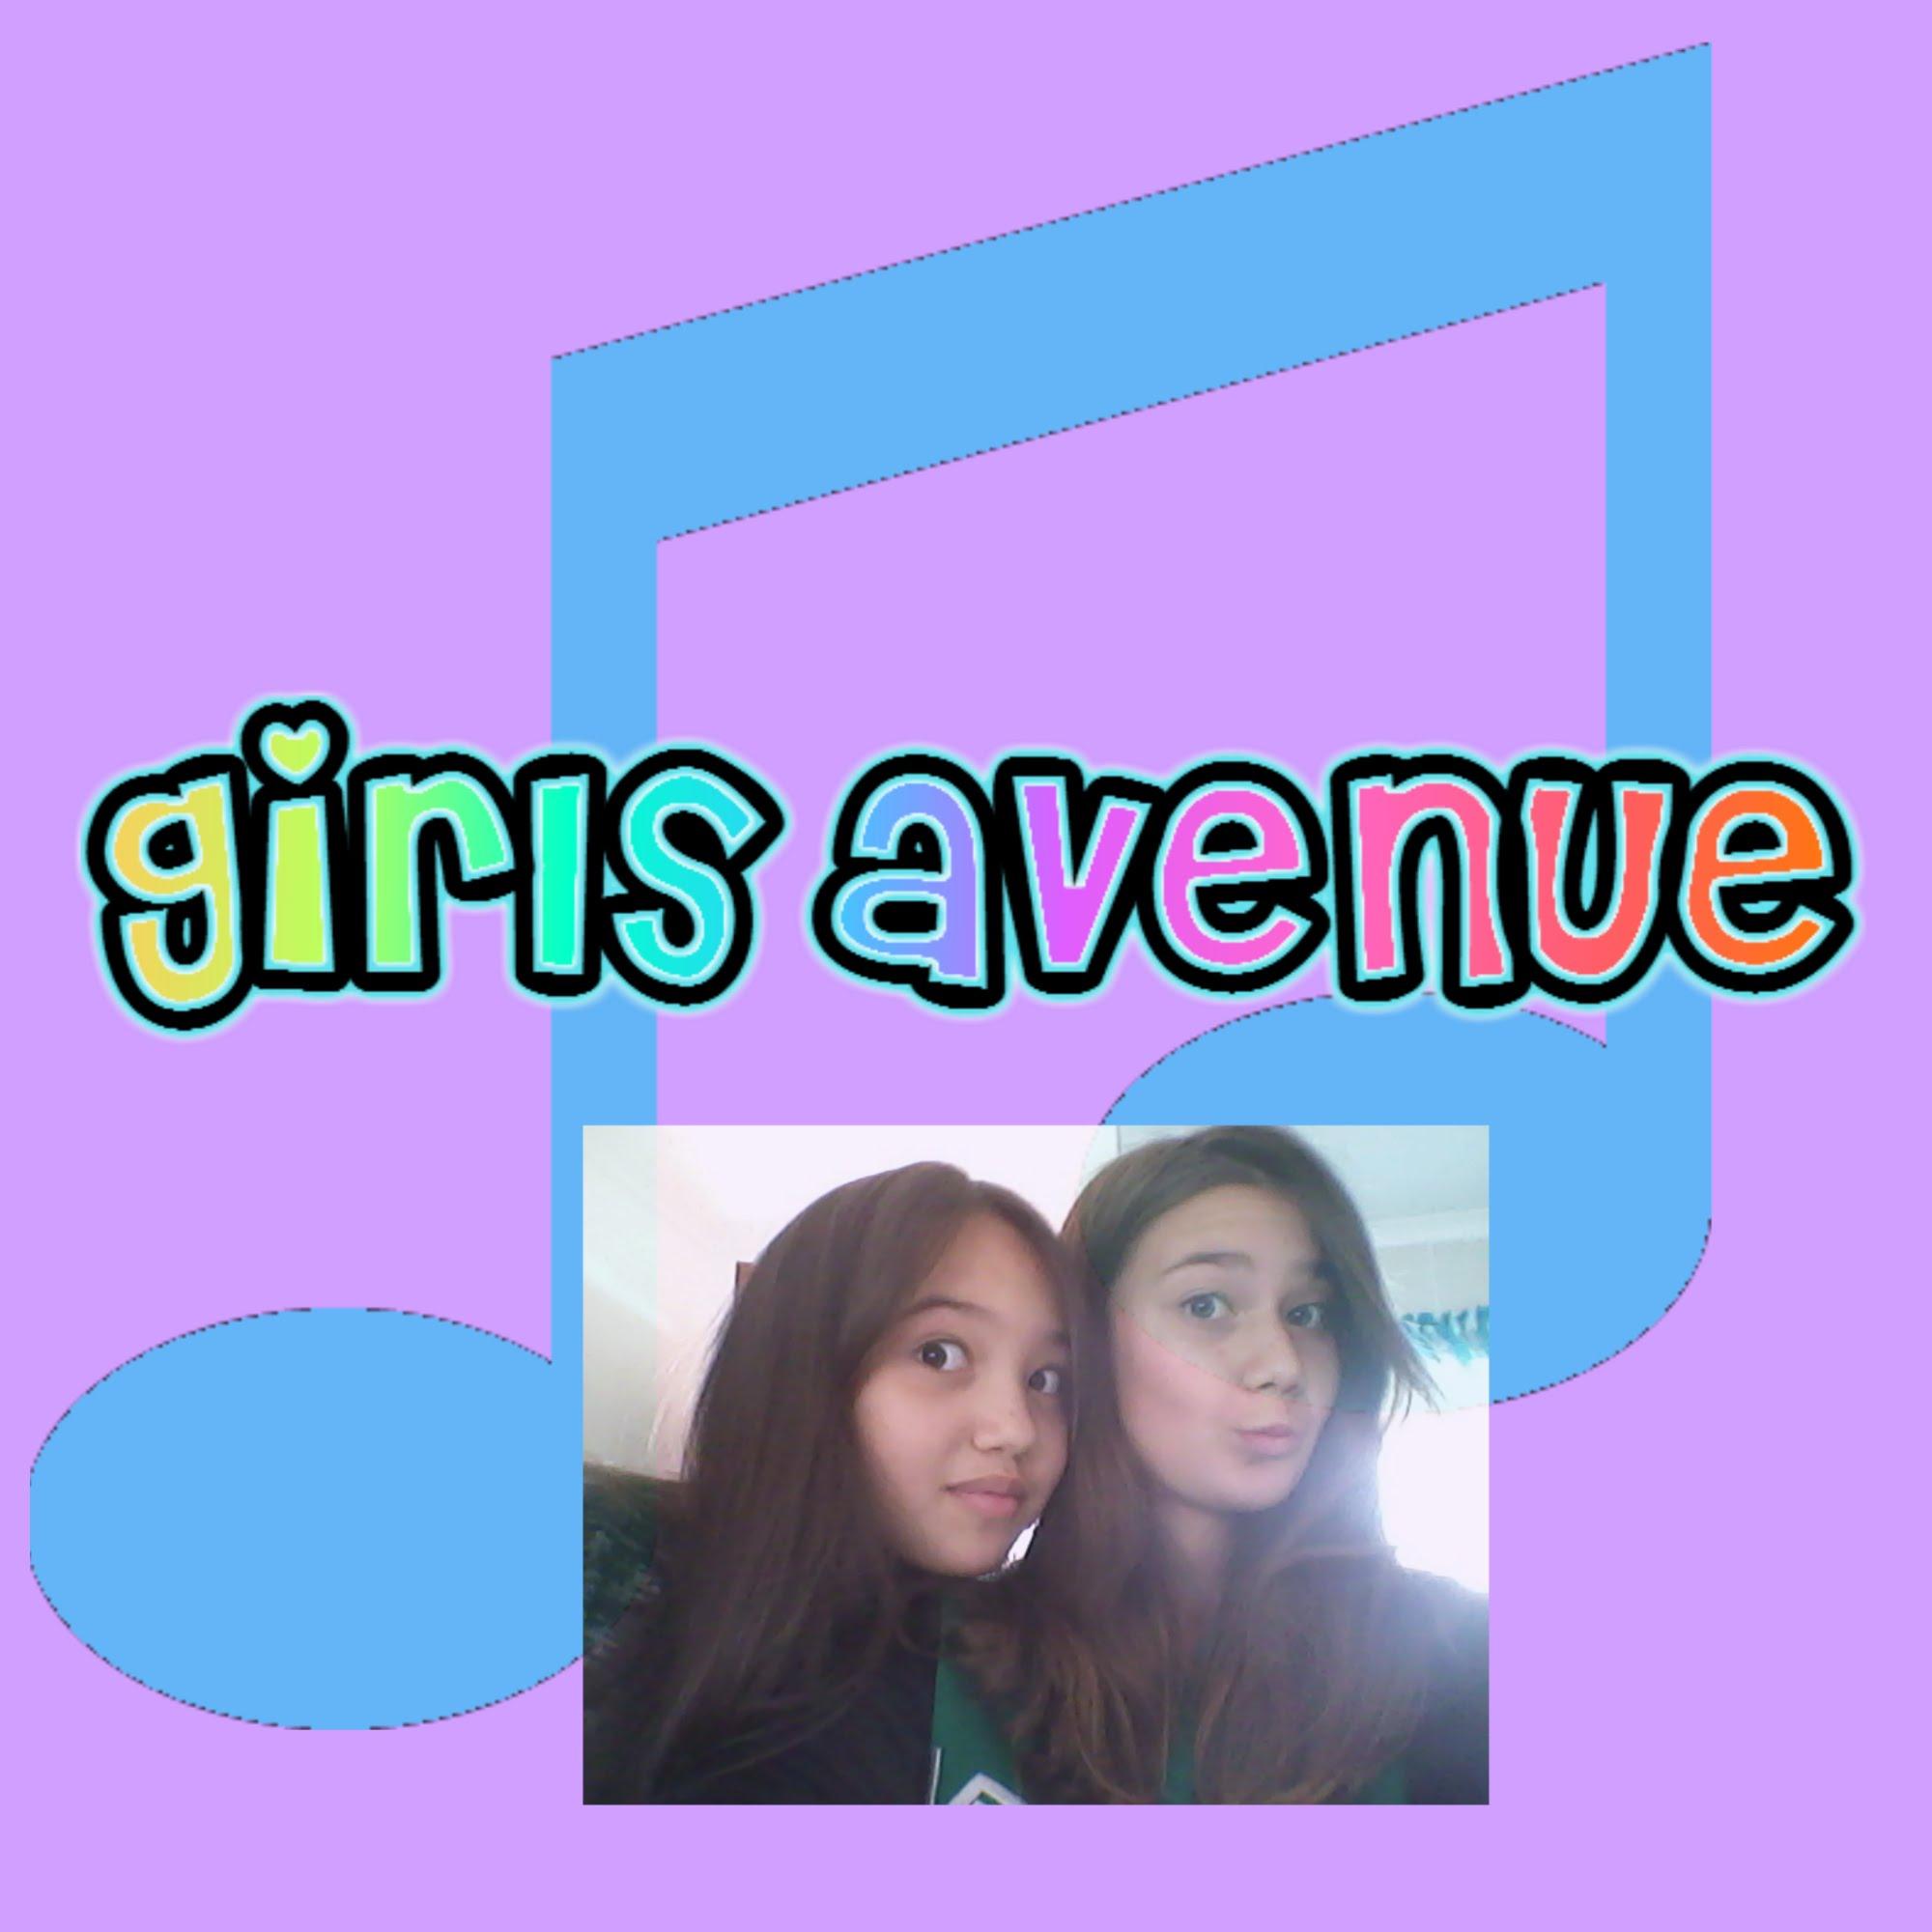 High Resolution Wallpaper | Girls Avenue 2000x2000 px